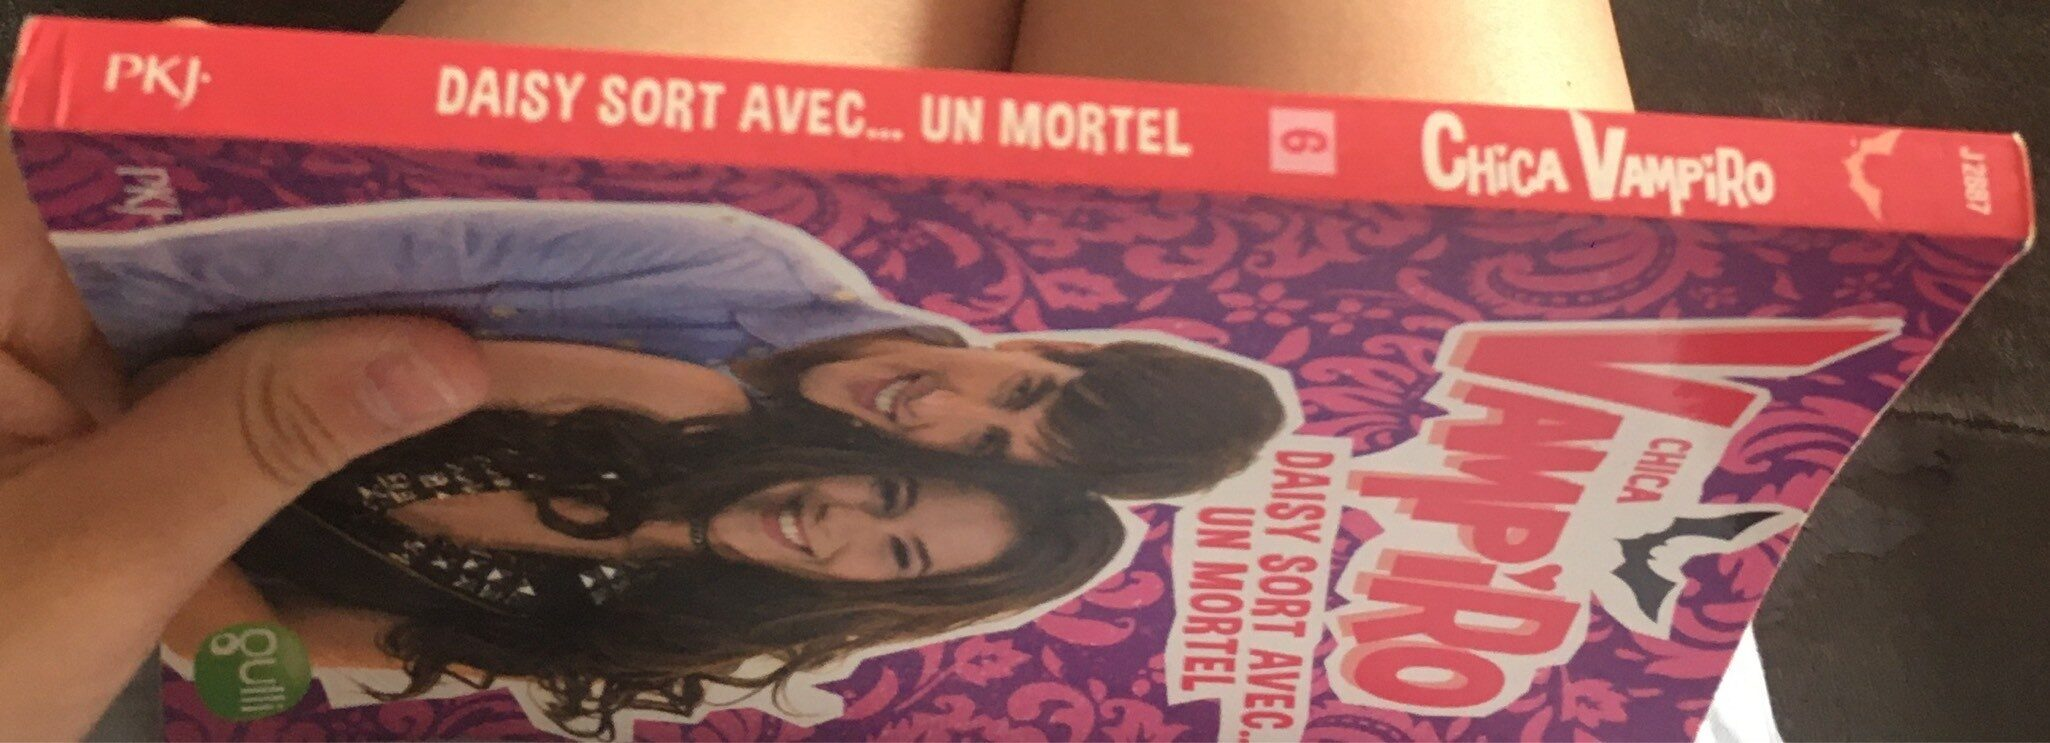 Livre Chica Vampiro tom 6 - Product - fr